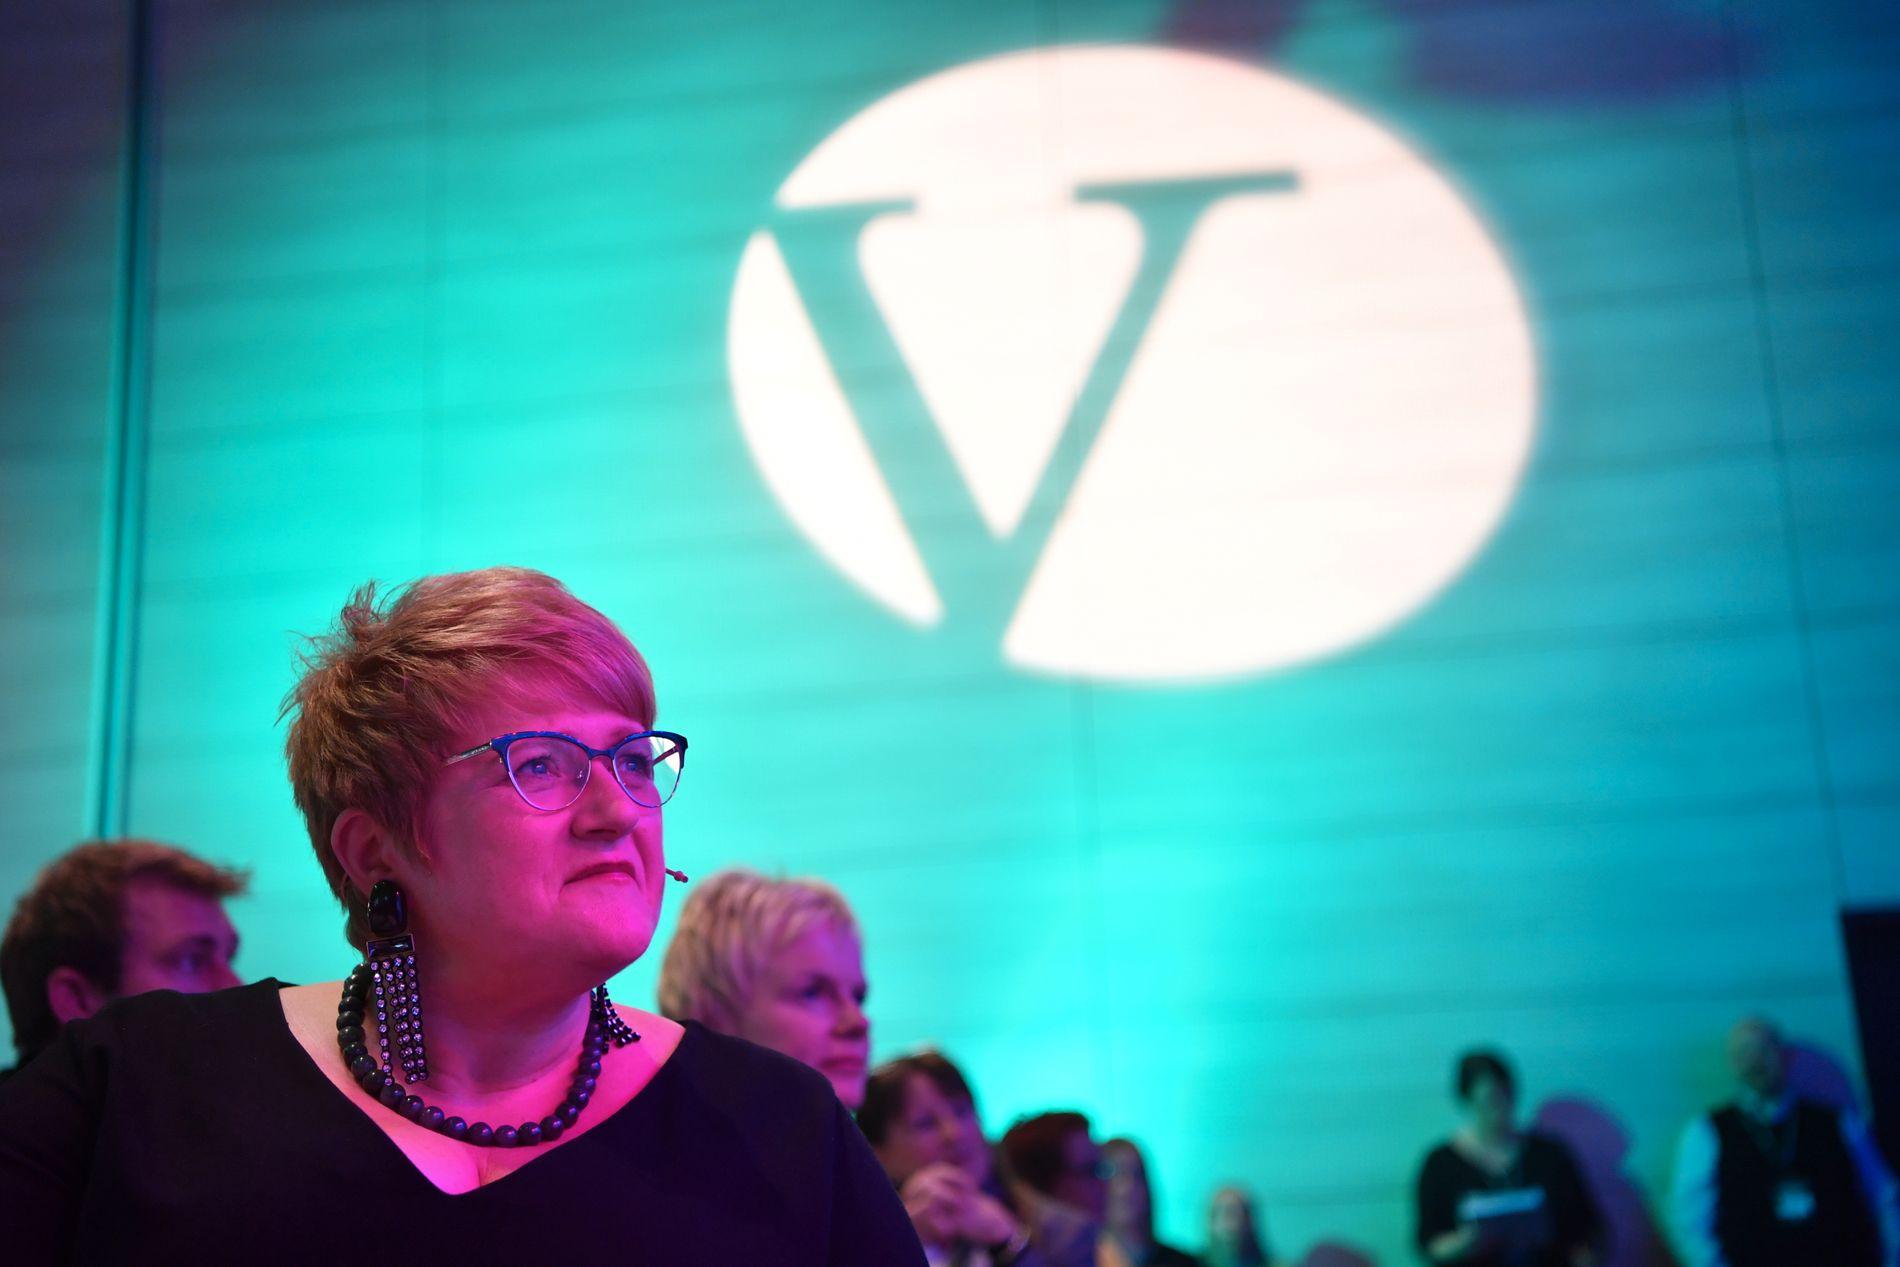 BLIR GJENVALGT: Trine Skei Grande, som blir gjenvalgt som Venstre-leder denne helgen, er en av tre partiledere i regjeringen. Hun følger den internasjonale spente situasjonen nøye mellom debatter om skole- og kultur-uttalelser på Venstre-landsmøtet lørdag formiddag.